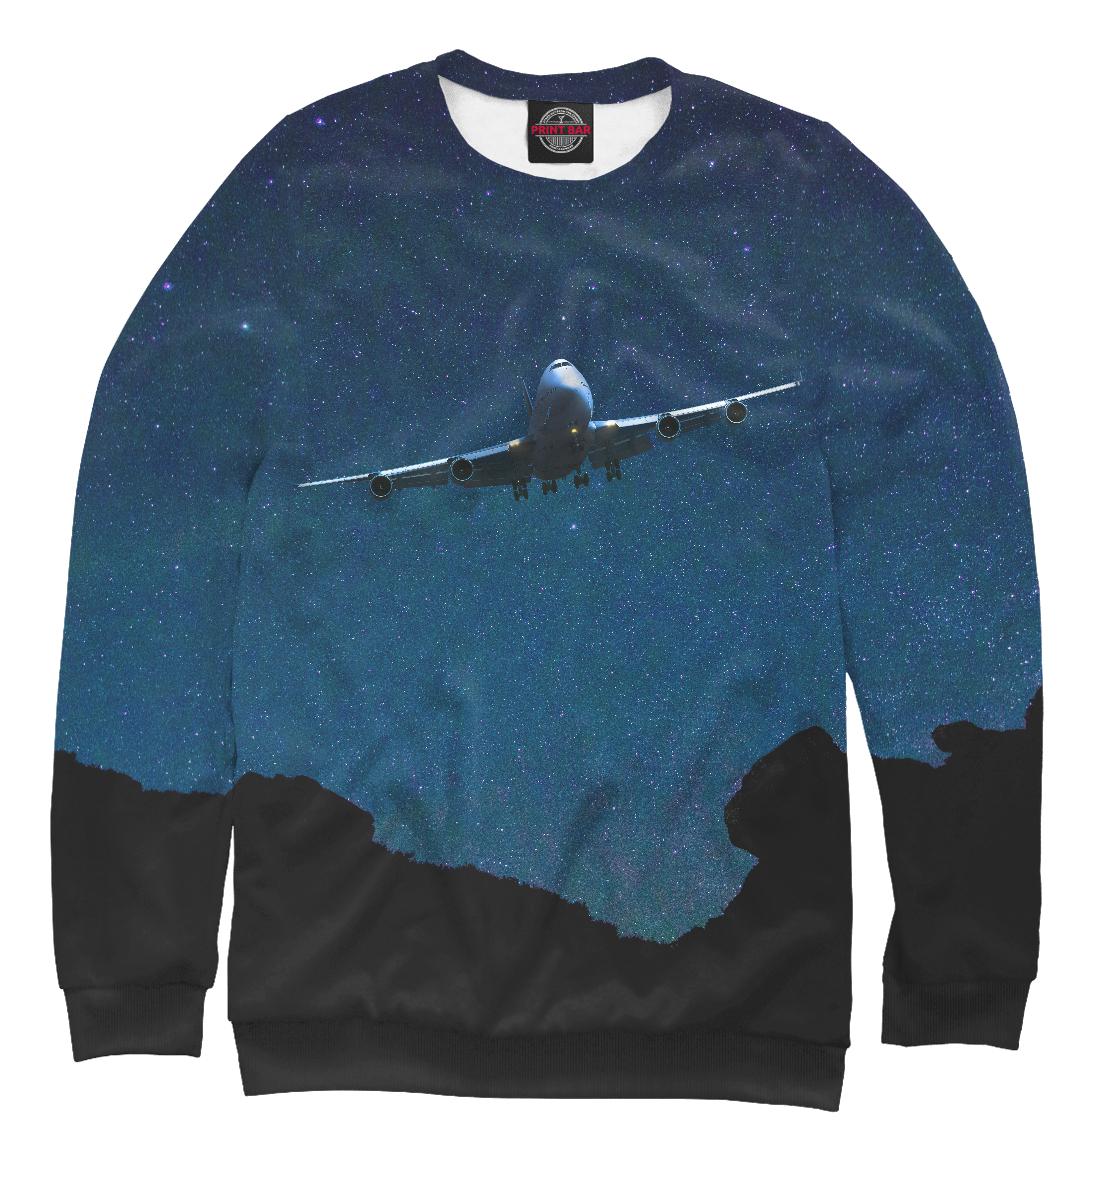 Самолет над горами, Printbar, Свитшоты, APN-930006-swi-2  - купить со скидкой